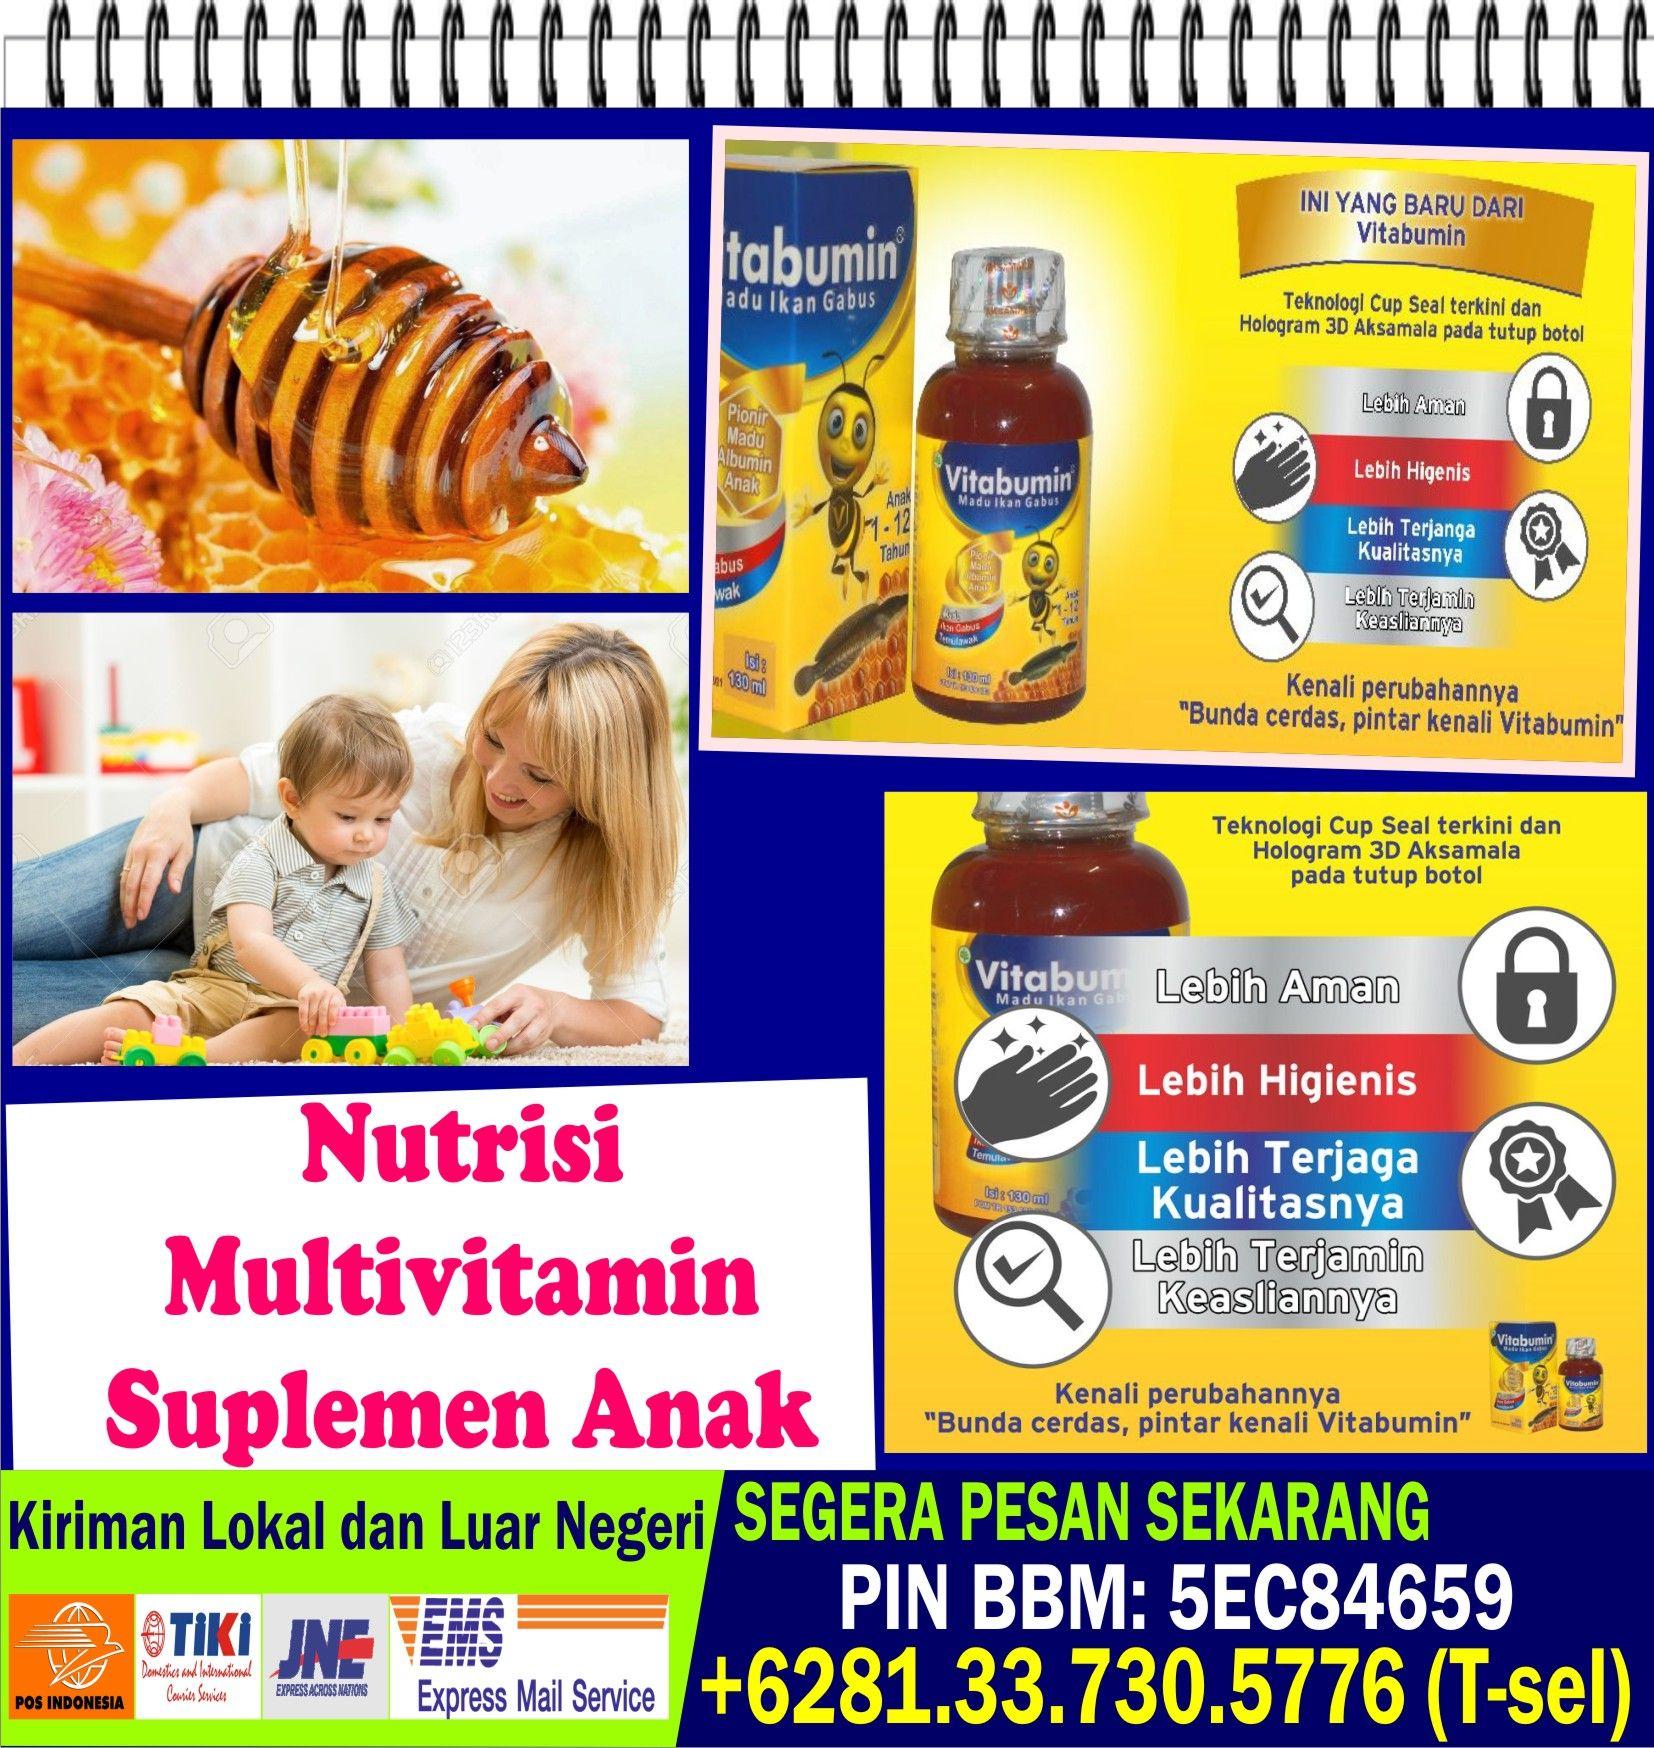 Vitamin Anak Susah Makan 1 Tahun, Produk Multivitamin Anak